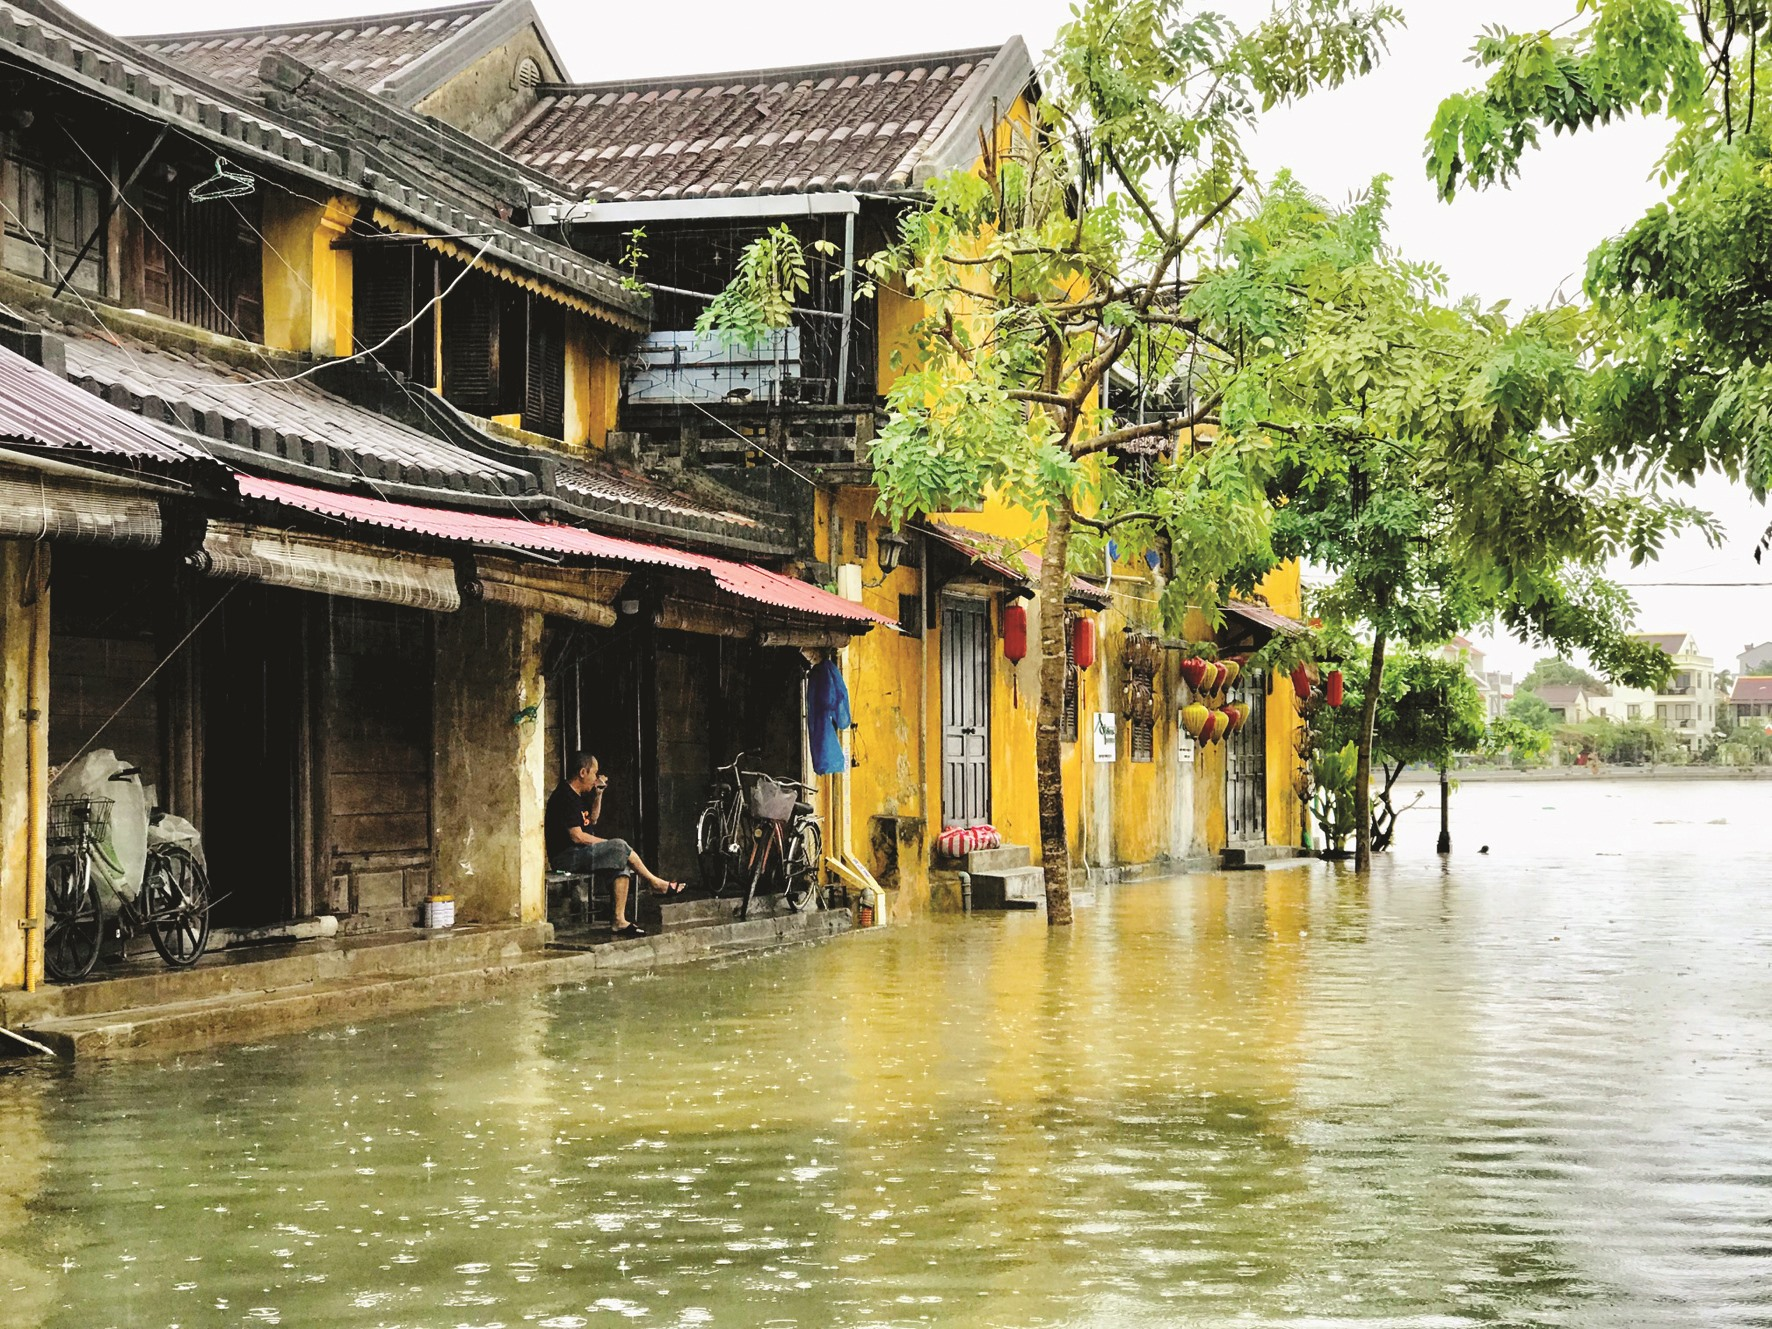 Nước lũ ngâm khiến nhiều di tích nhà cổ đối mặt với nguy cơ xuống cấp. Ảnh: H.S